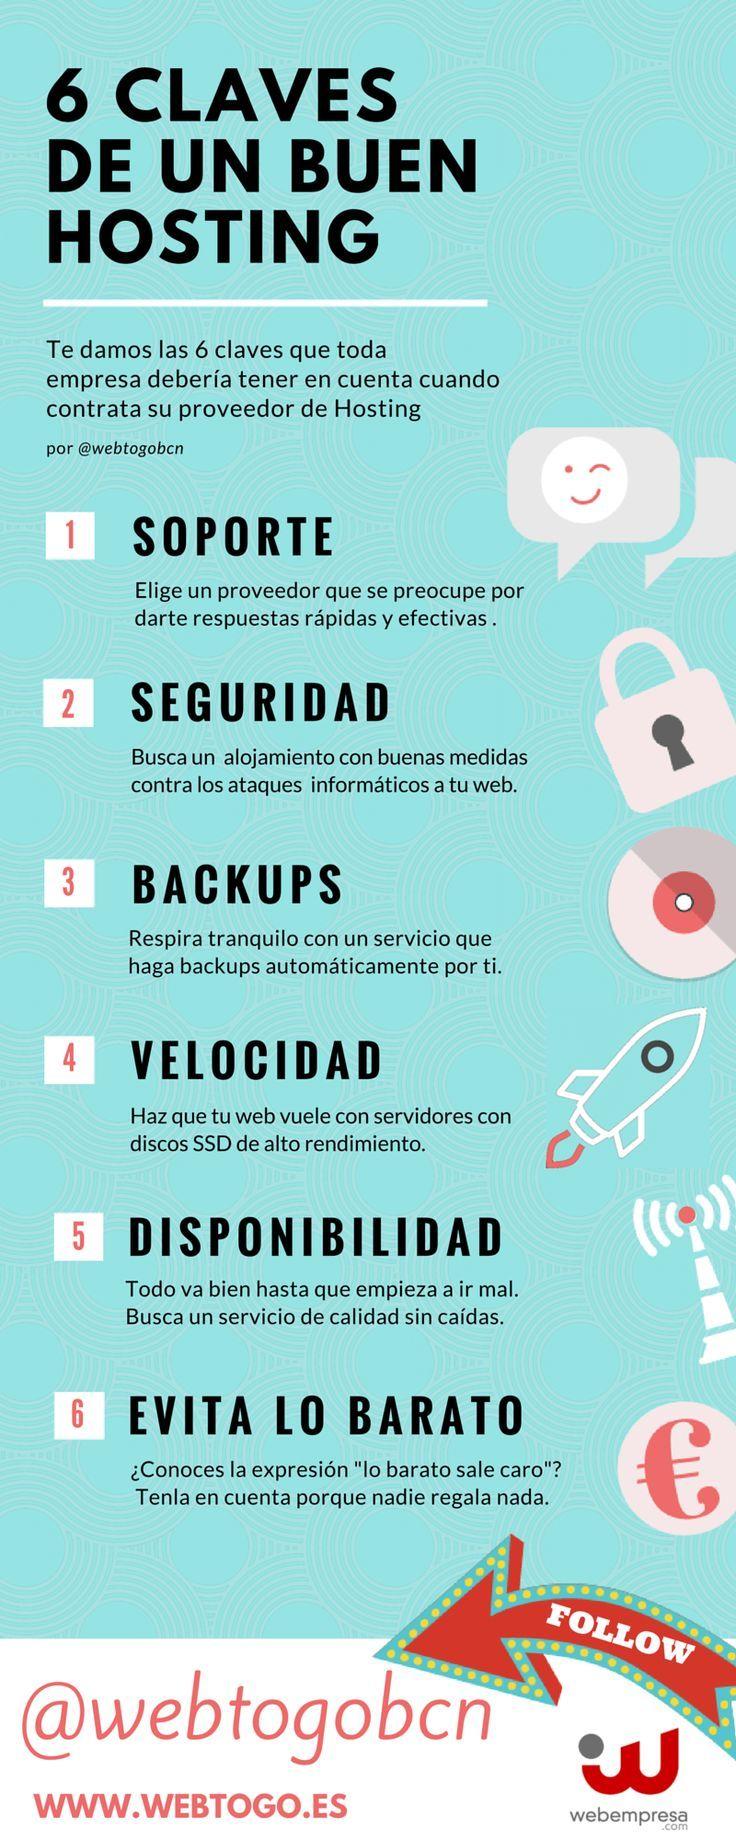 6 claves de un buen hosting